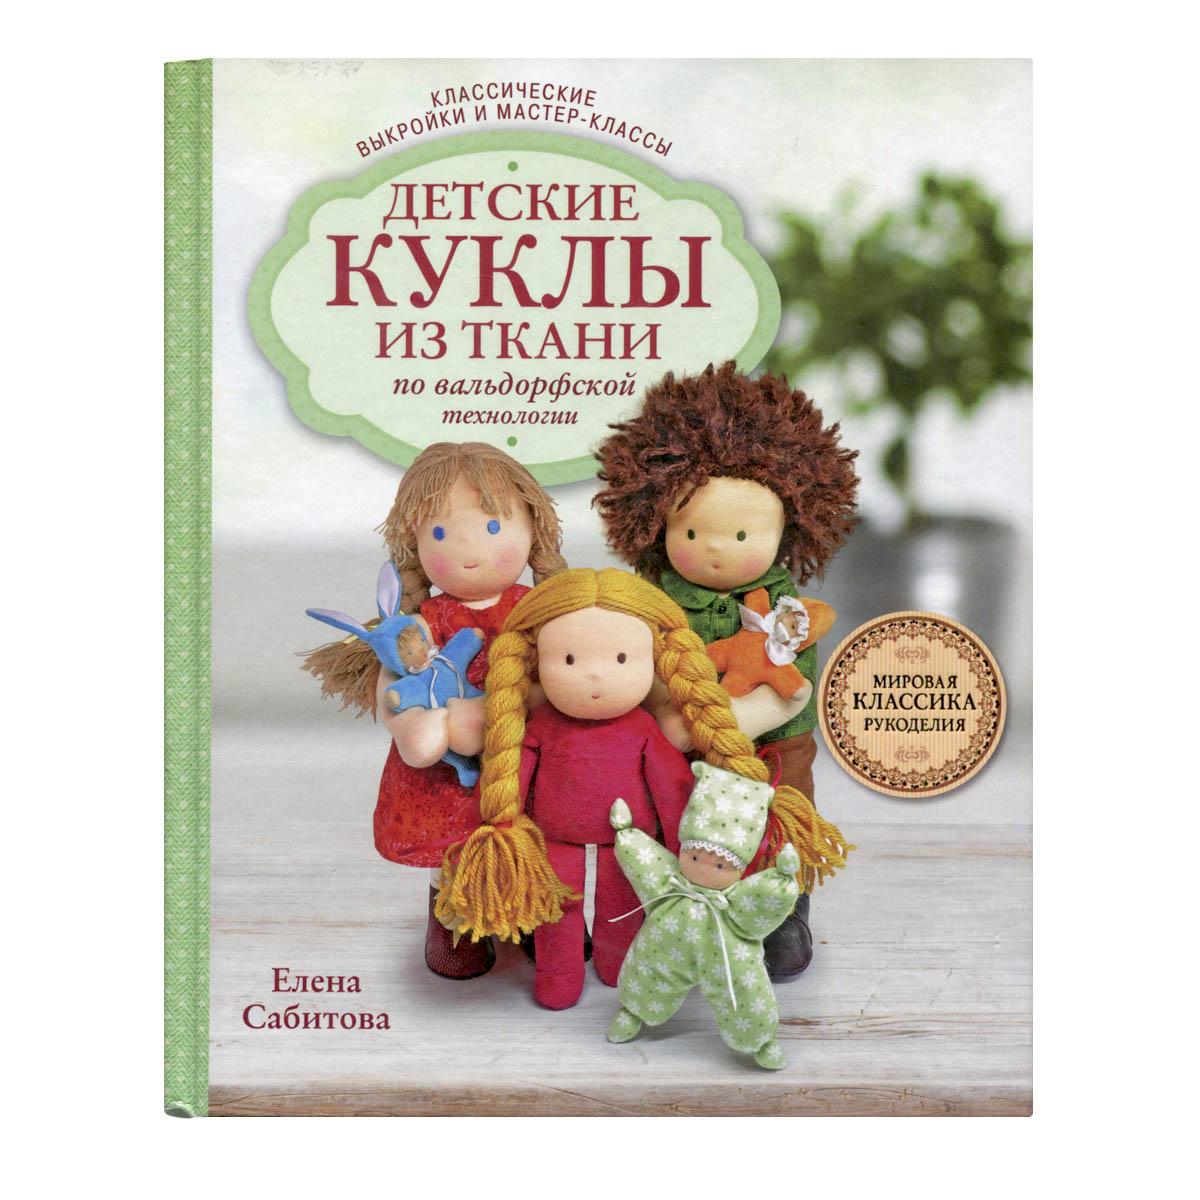 Е.Сабитова Детские куклы из ткани по вальдорфской технологии